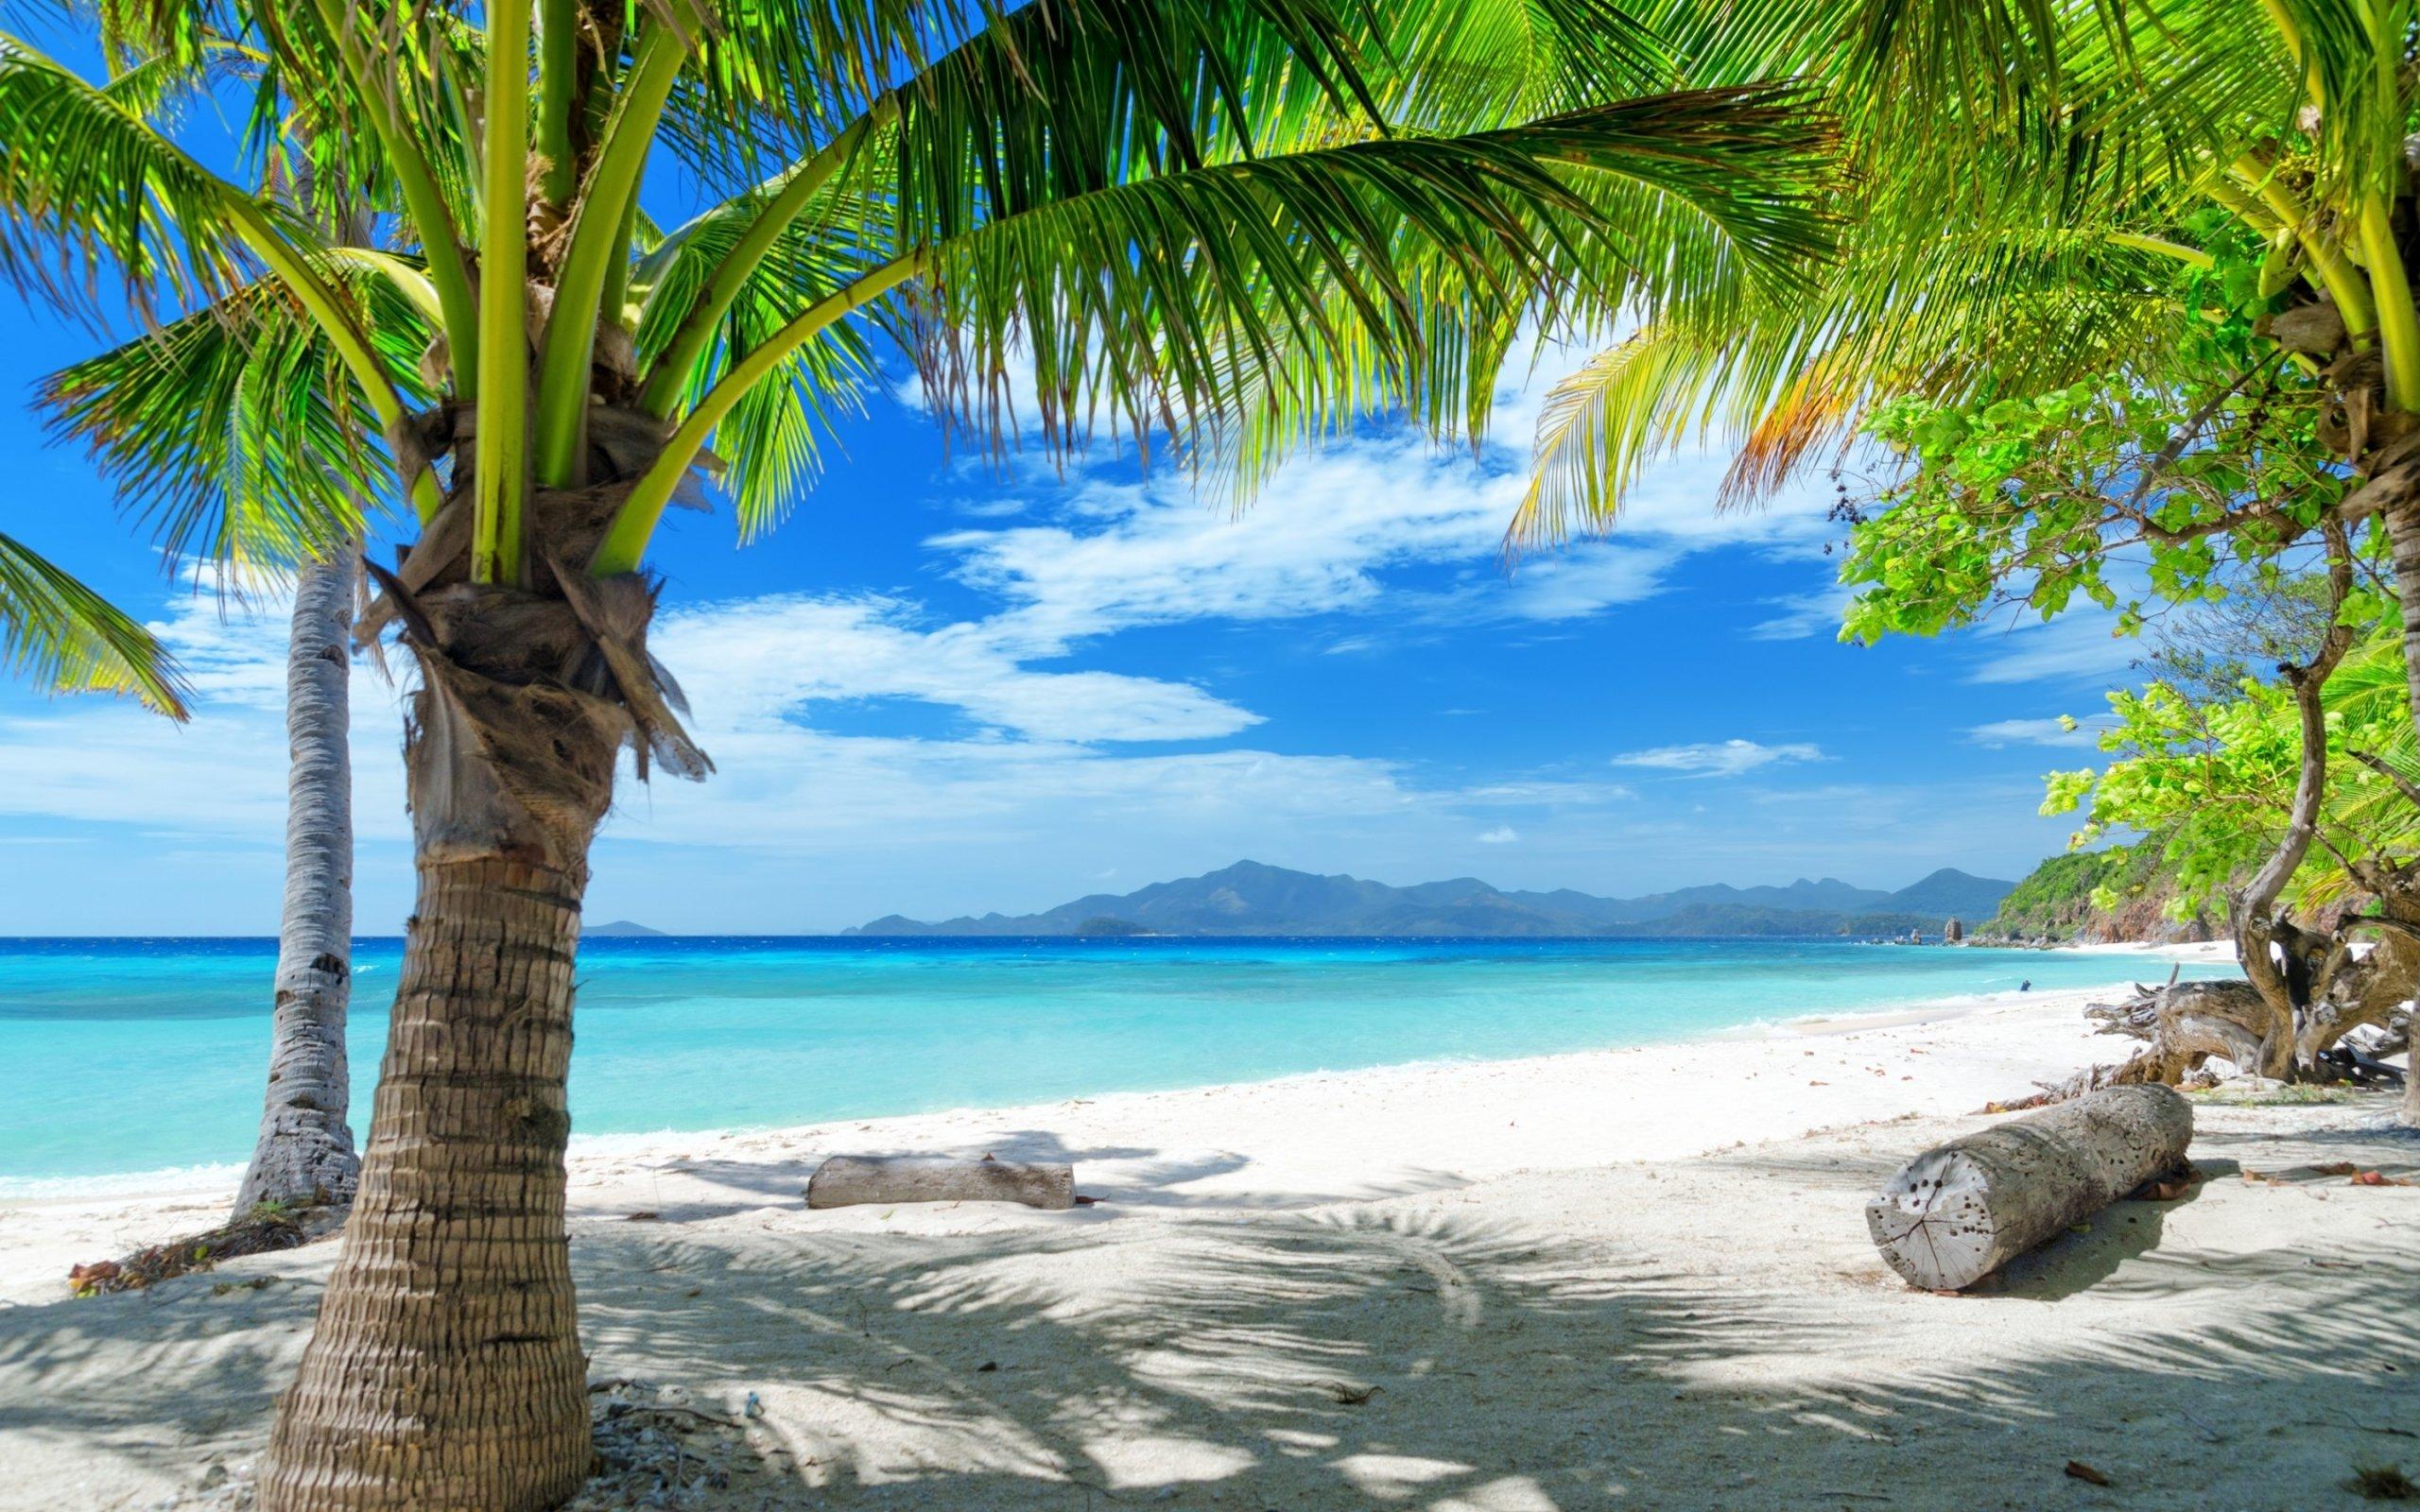 природа песок пляж дома море пальмы  № 3778339 загрузить